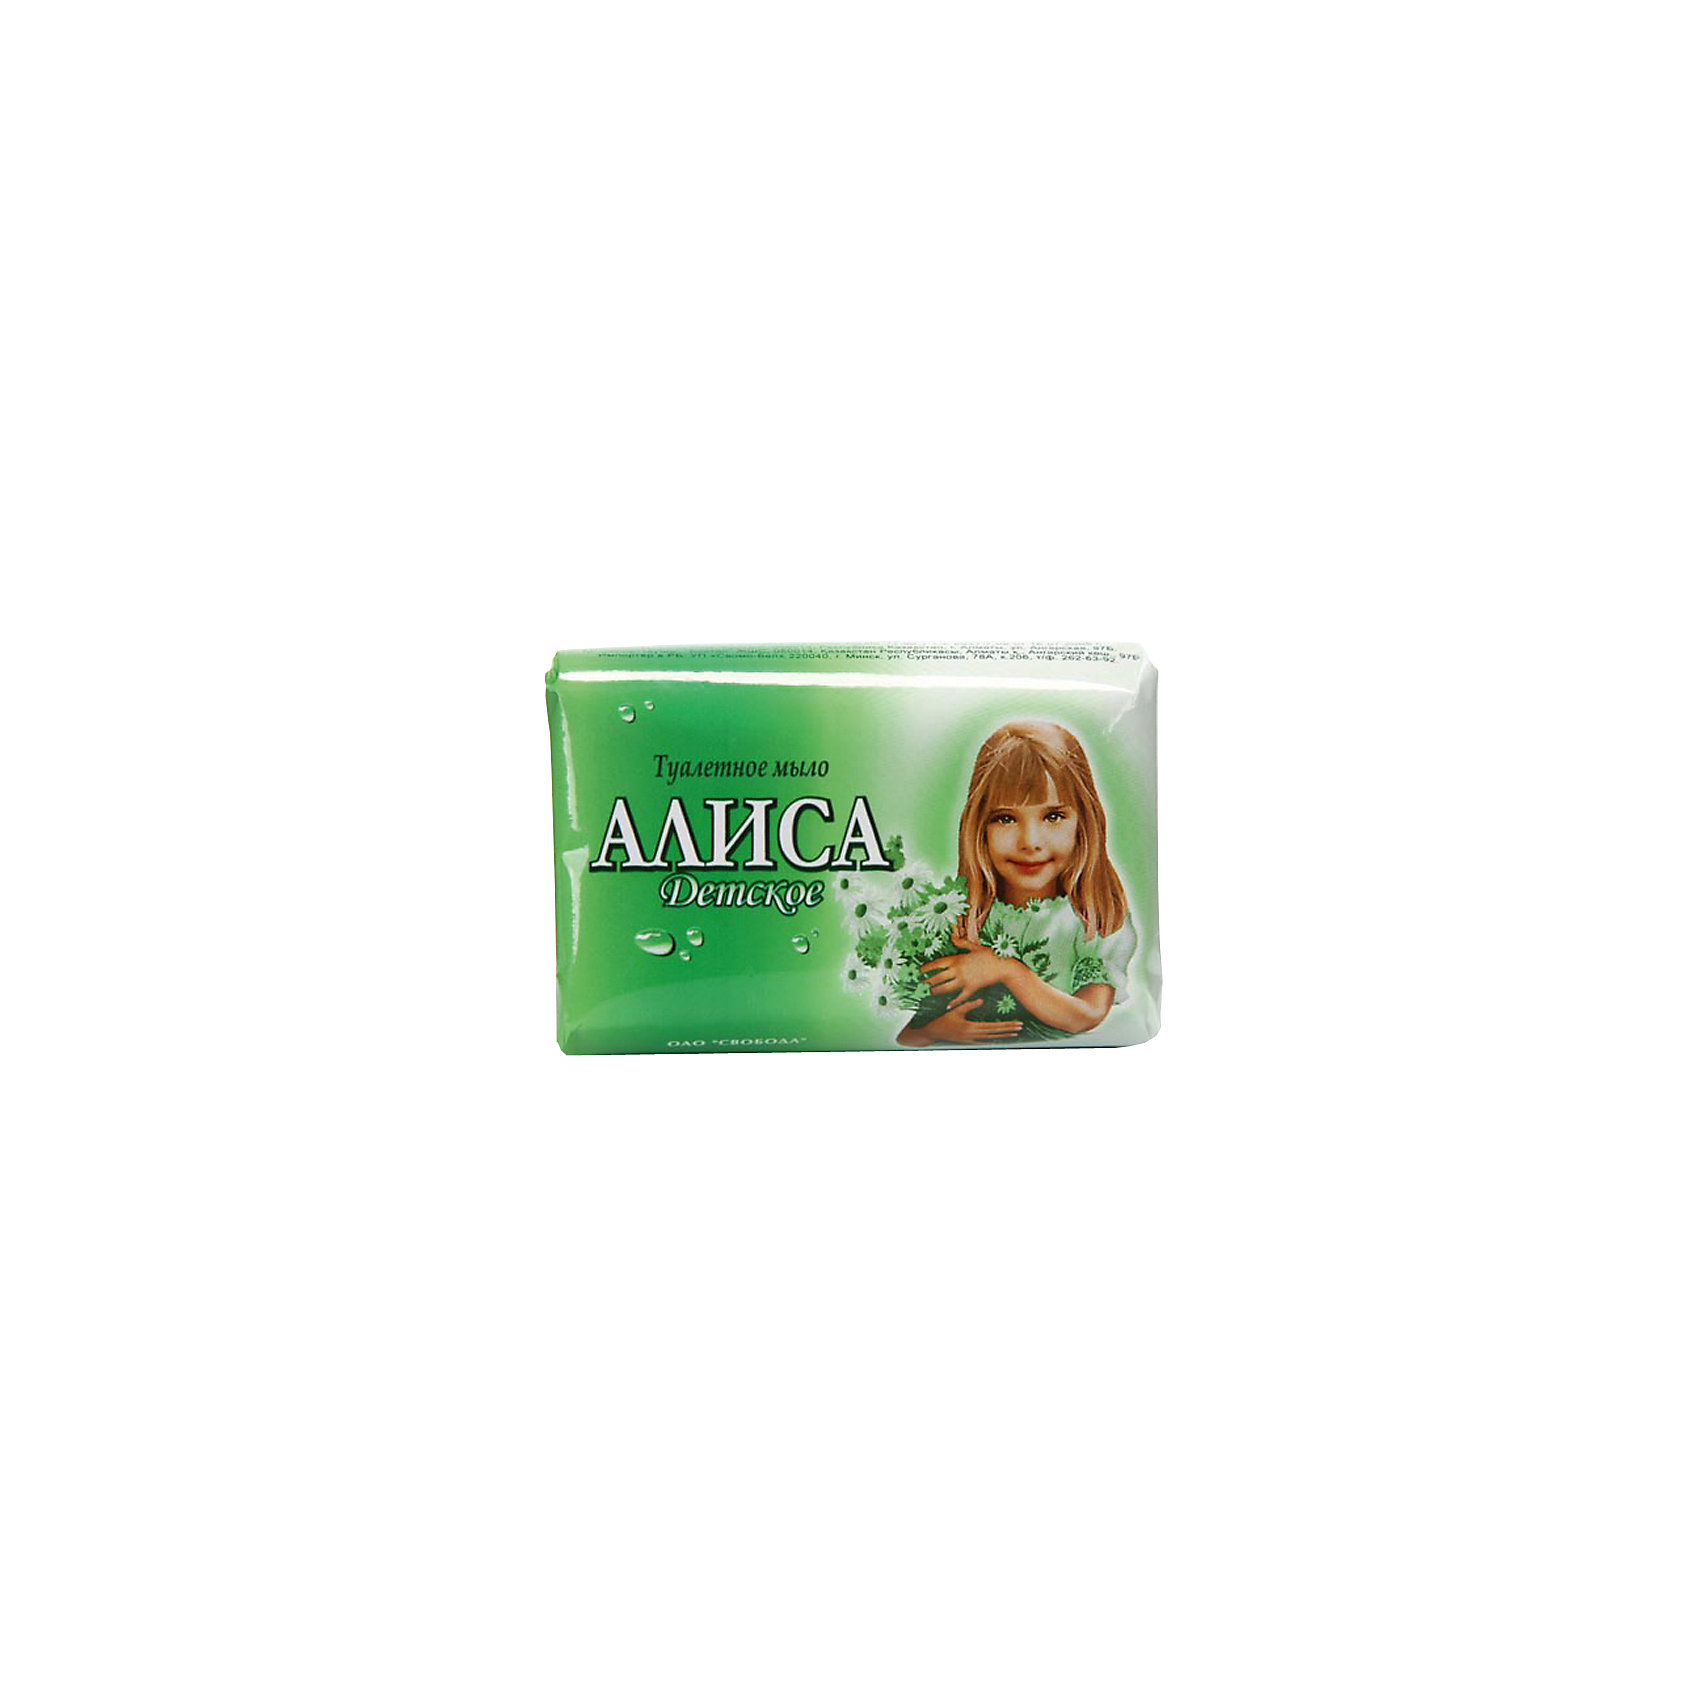 Мыло детское Алиса в обёртке, СвободаТуалетное мыло «Алиса» предупреждает сухость кожи, оказывает противовоспалительное действие. Подходит для чувствительной кожи малыша. <br><br>Дополнительная информация:<br><br>Содержит натуральный глицерин и масляный экстракт тысячелистника.<br><br>Масса: 150 грамм<br><br>Мыло детское Алиса в обёртке, Свобода можно купить в нашем интернет-магазине.<br><br>Ширина мм: 300<br>Глубина мм: 100<br>Высота мм: 50<br>Вес г: 200<br>Возраст от месяцев: 0<br>Возраст до месяцев: 36<br>Пол: Унисекс<br>Возраст: Детский<br>SKU: 5008412